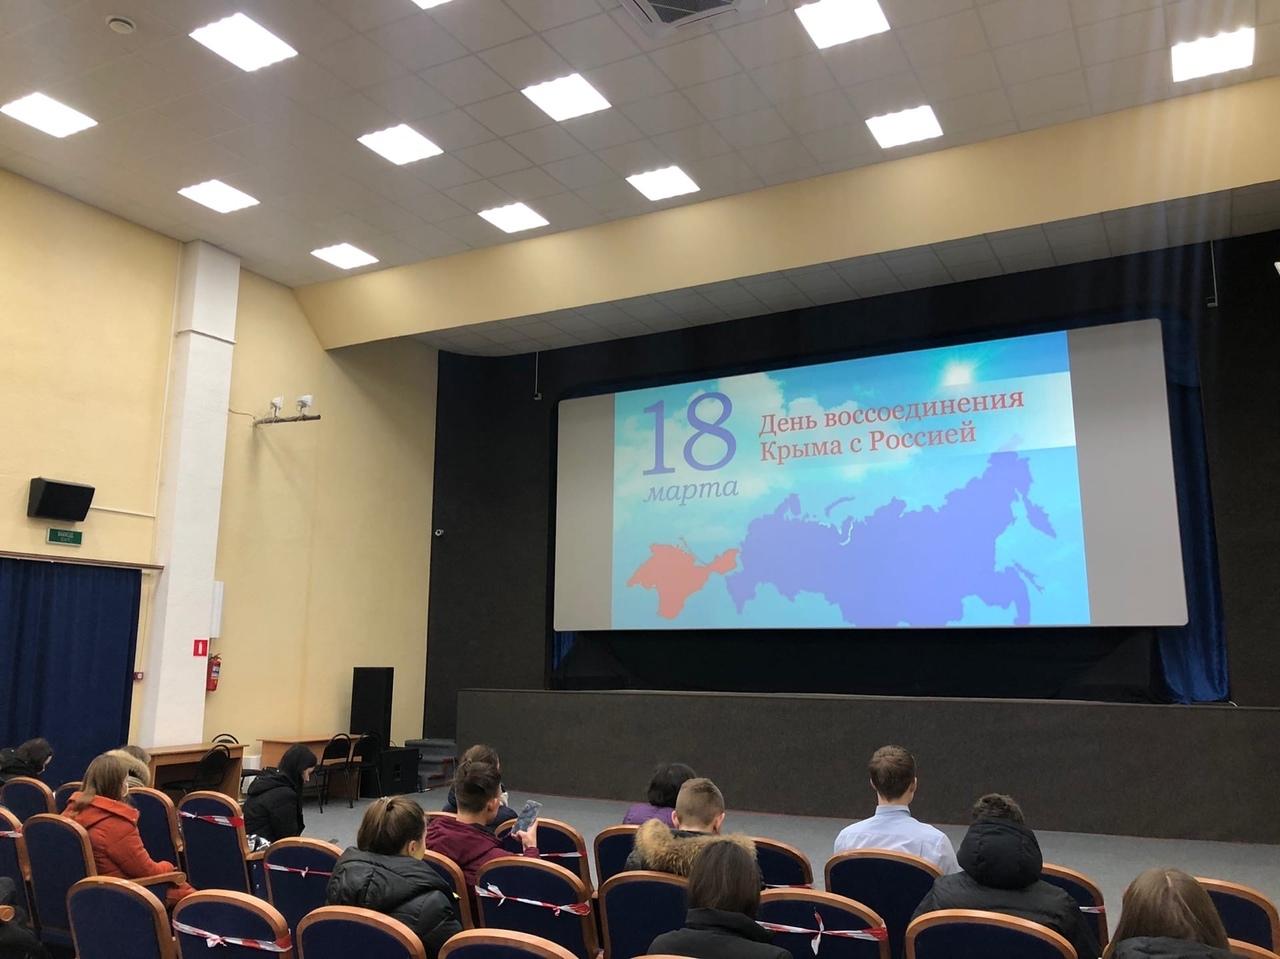 В киноцентре «Современник» провели кинолекторий «Крым и Россия»